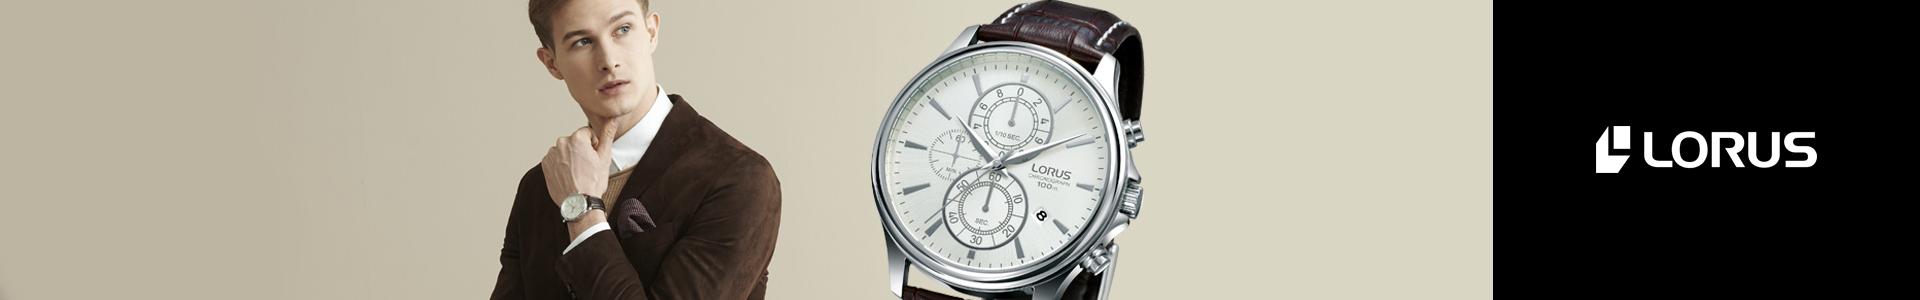 1a821b26ceb A marca Lorus pertence ao reconhecido grupo Seiko Watch Corporation